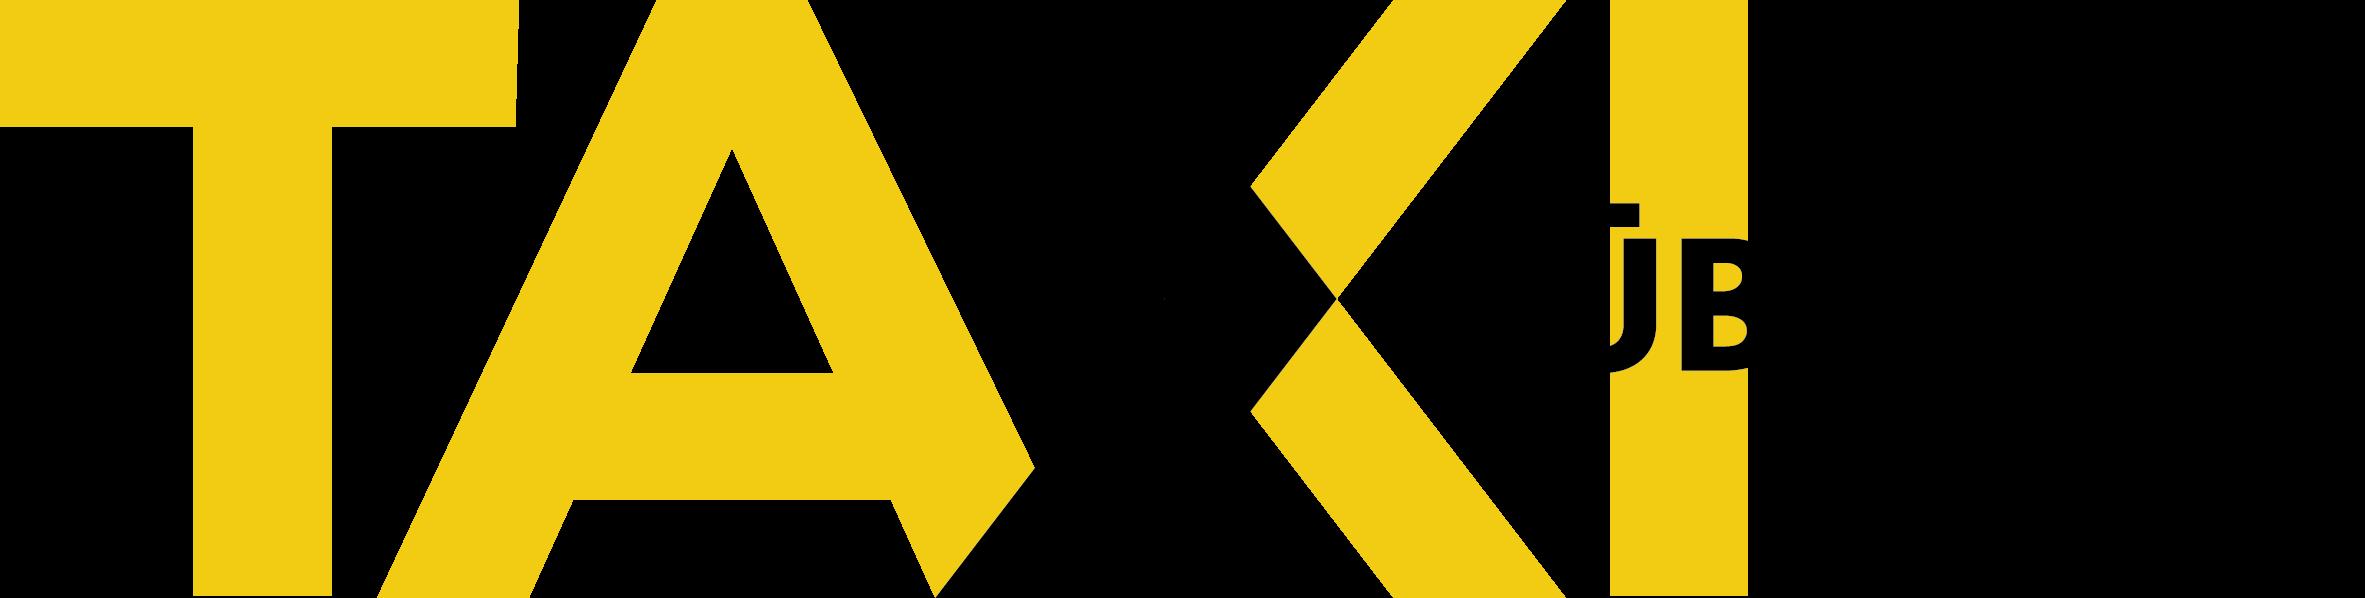 Taxi Kibar in Tübingen